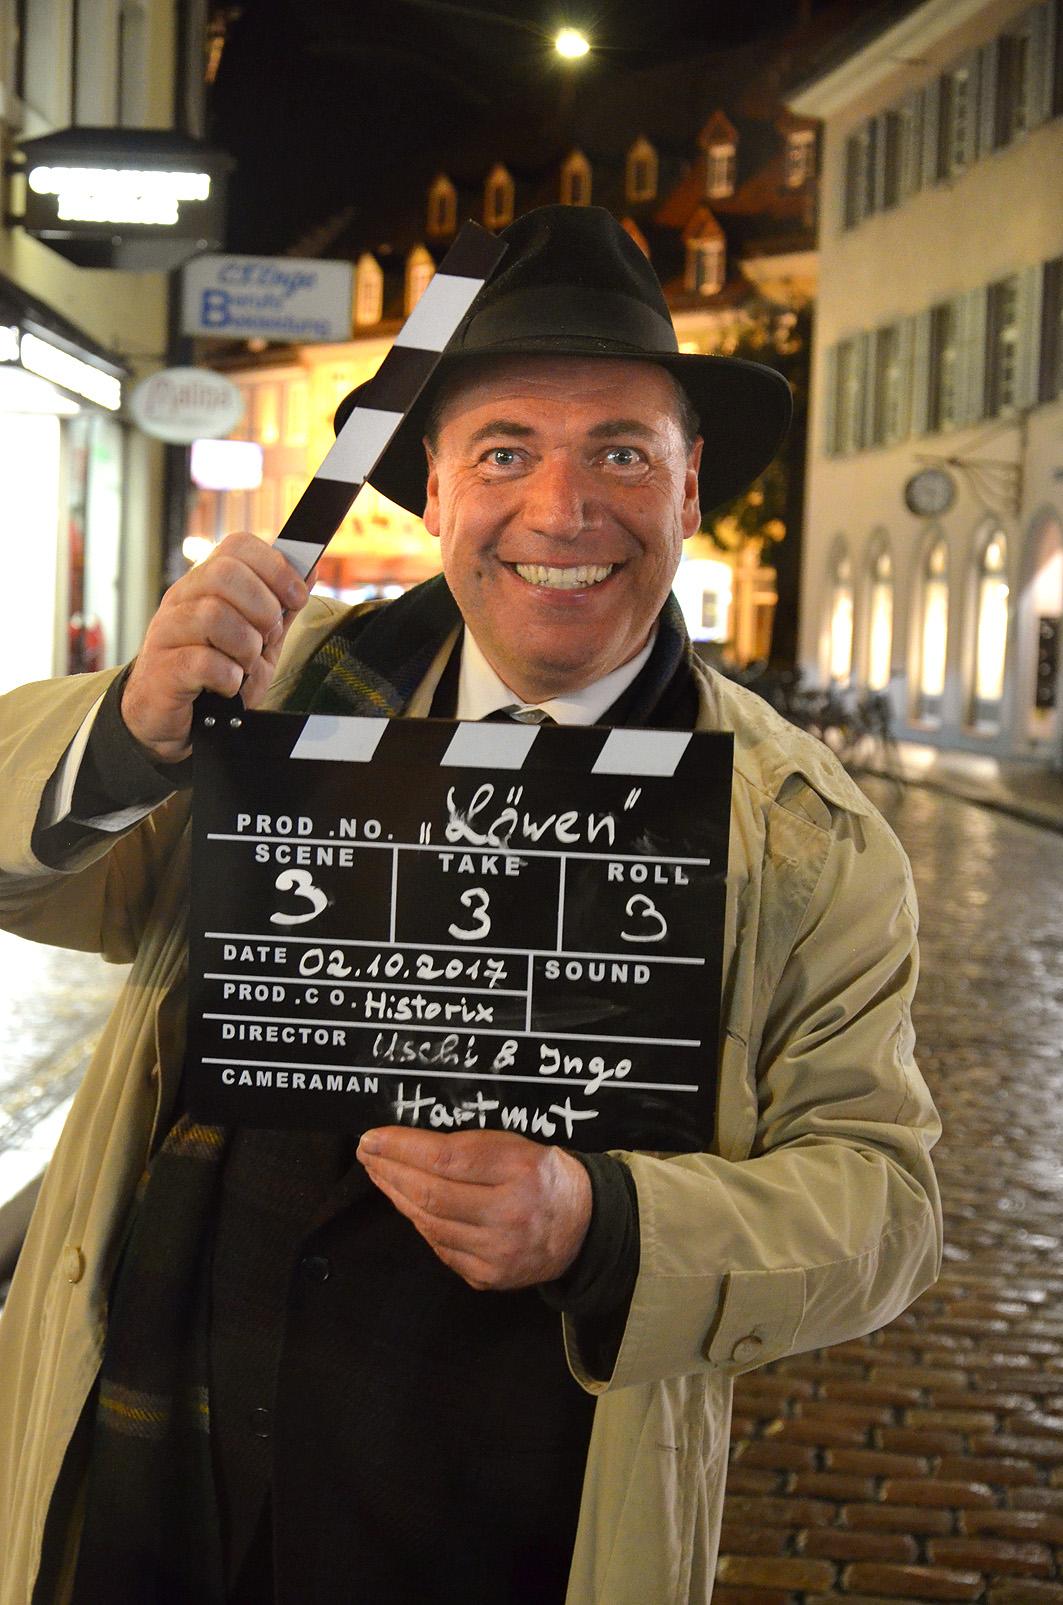 Leinwand, Satan und Agenten – Die unglaubliche Freiburger Film-Tour!